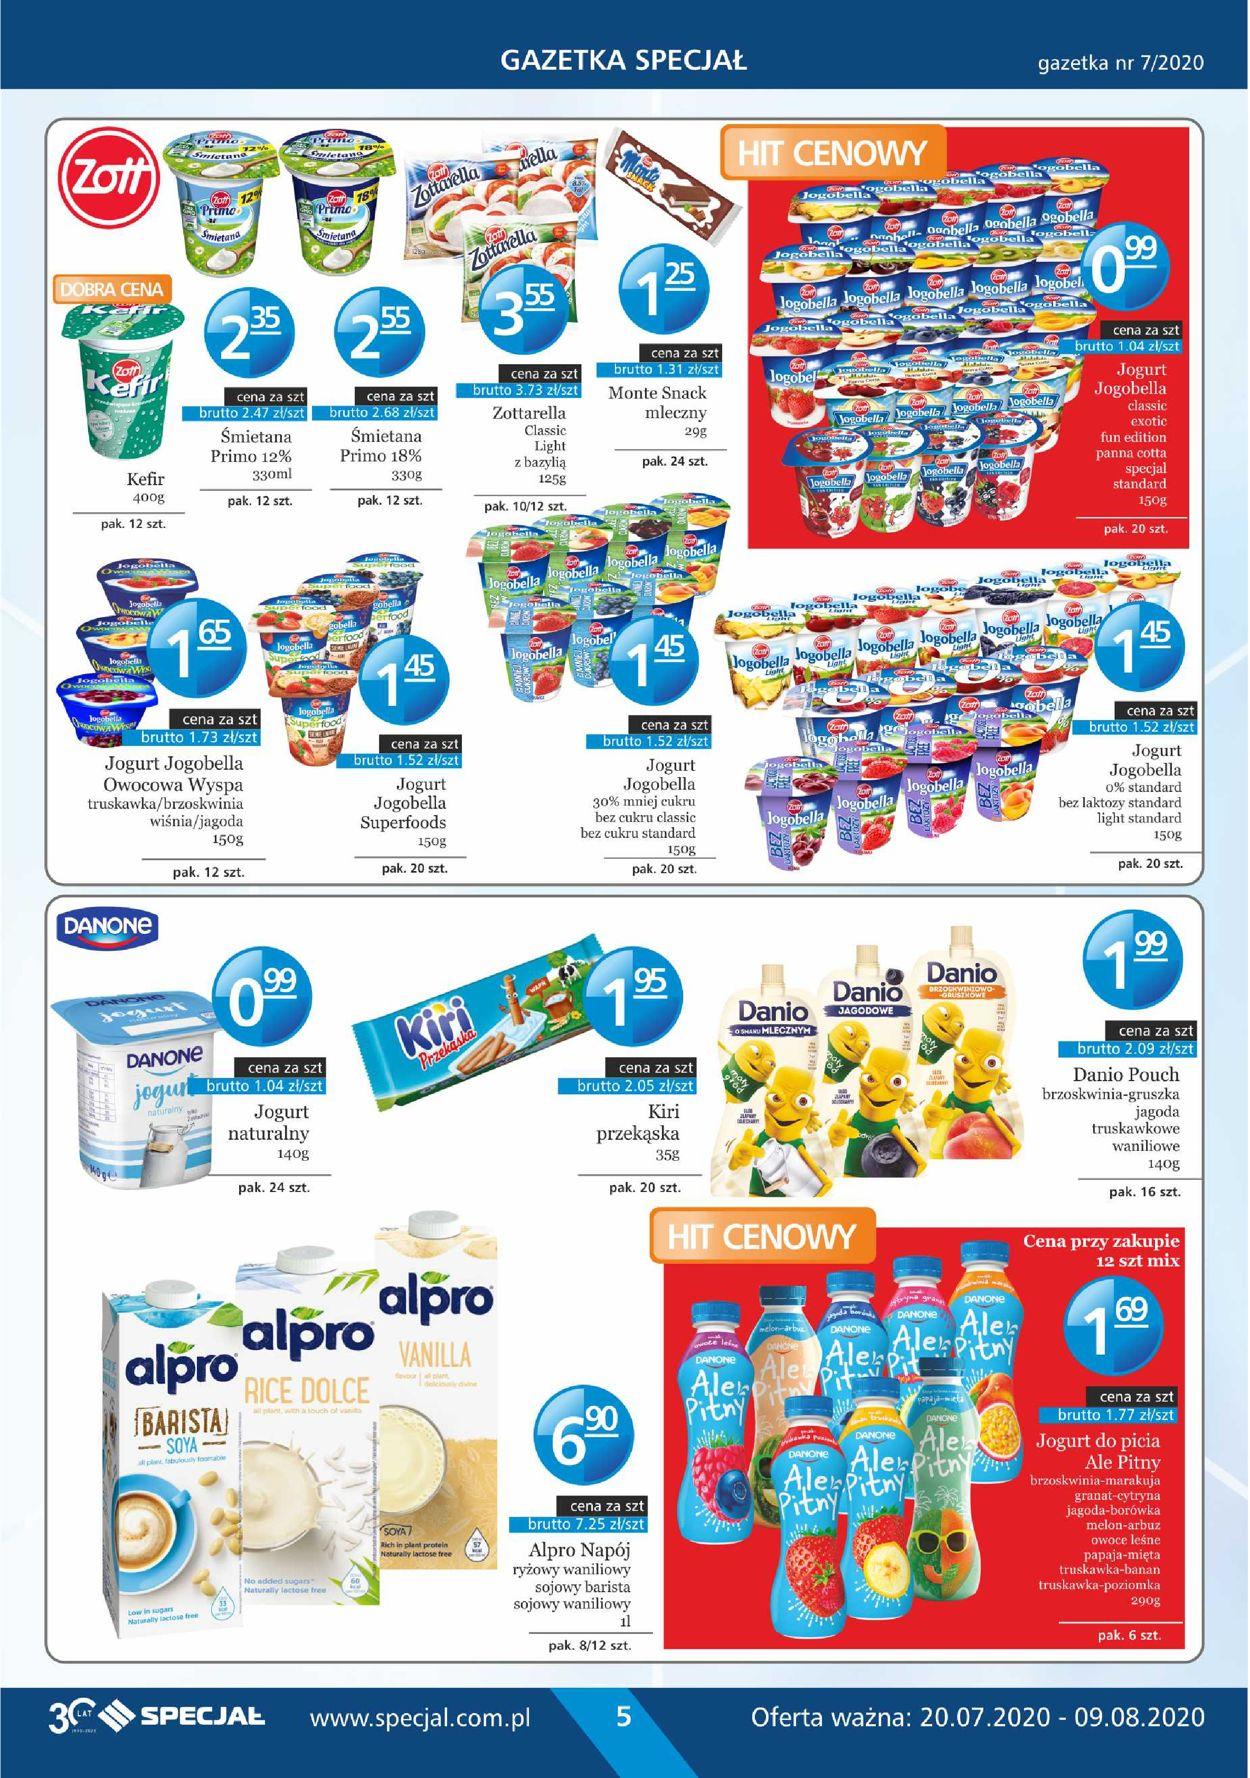 Gazetka promocyjna Specjał - 20.07-09.08.2020 (Strona 5)